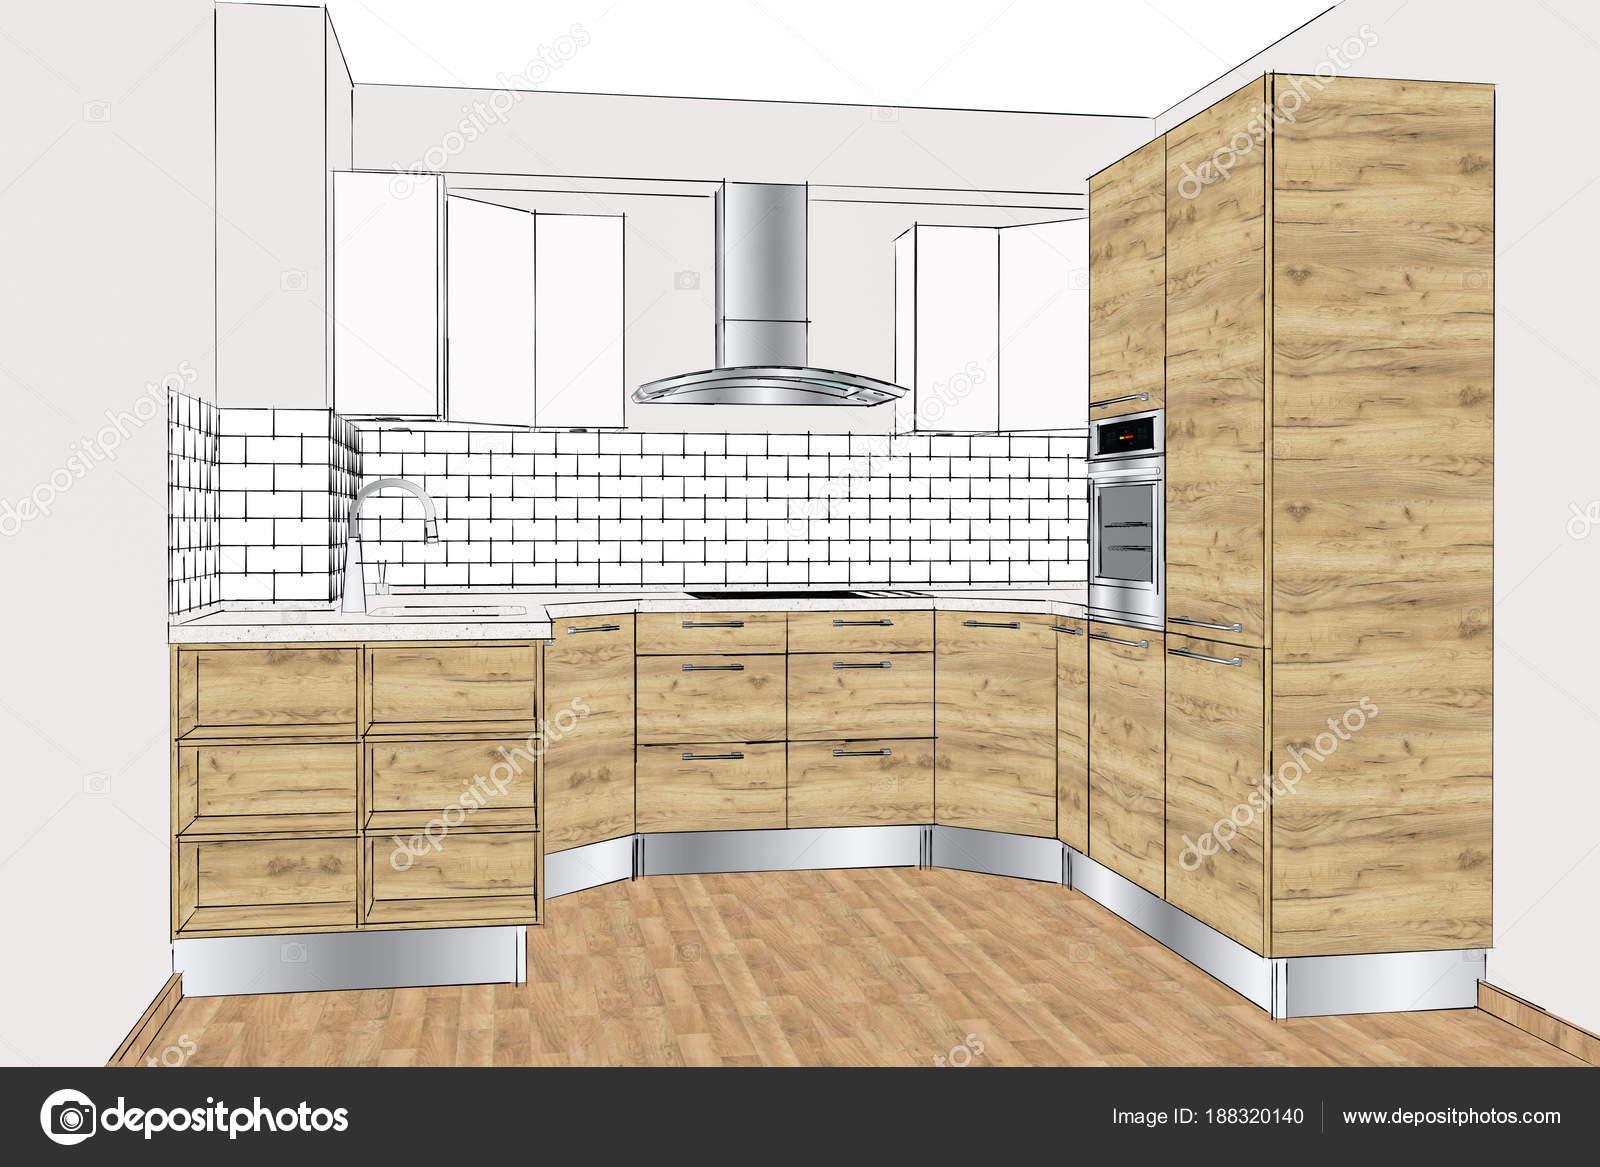 Illustrazione Disegno Della Cucina Moderna Nell Interiore Domestico ...